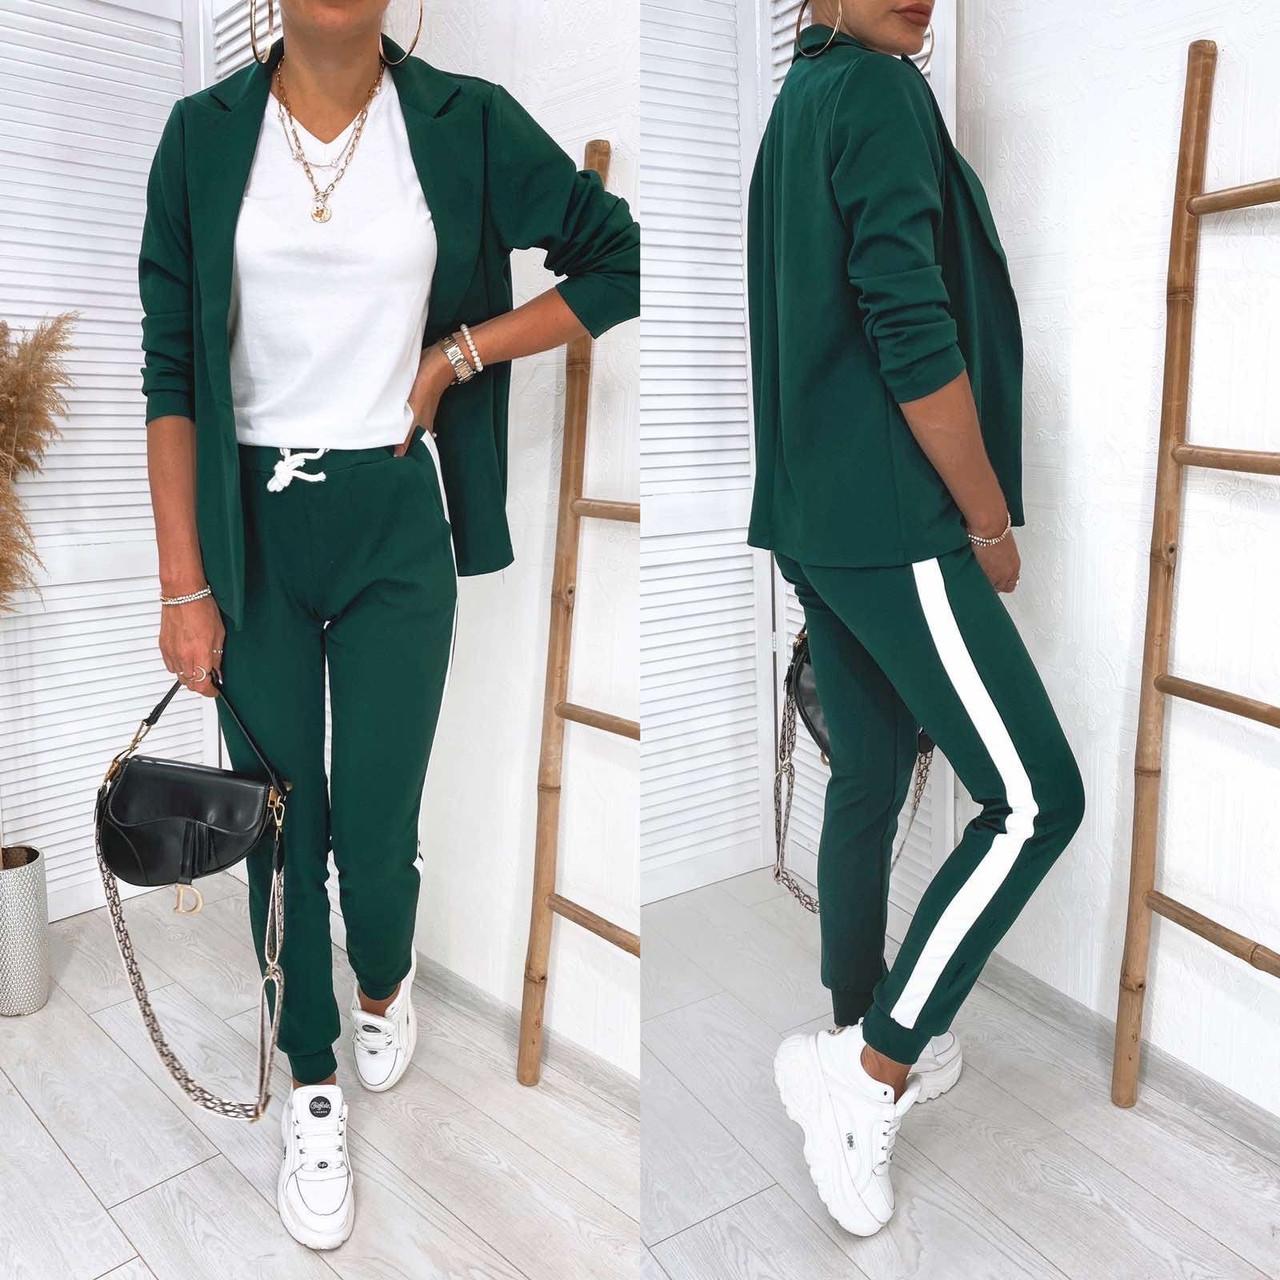 Жіночий костюм трійка: піджак + штани + футболка